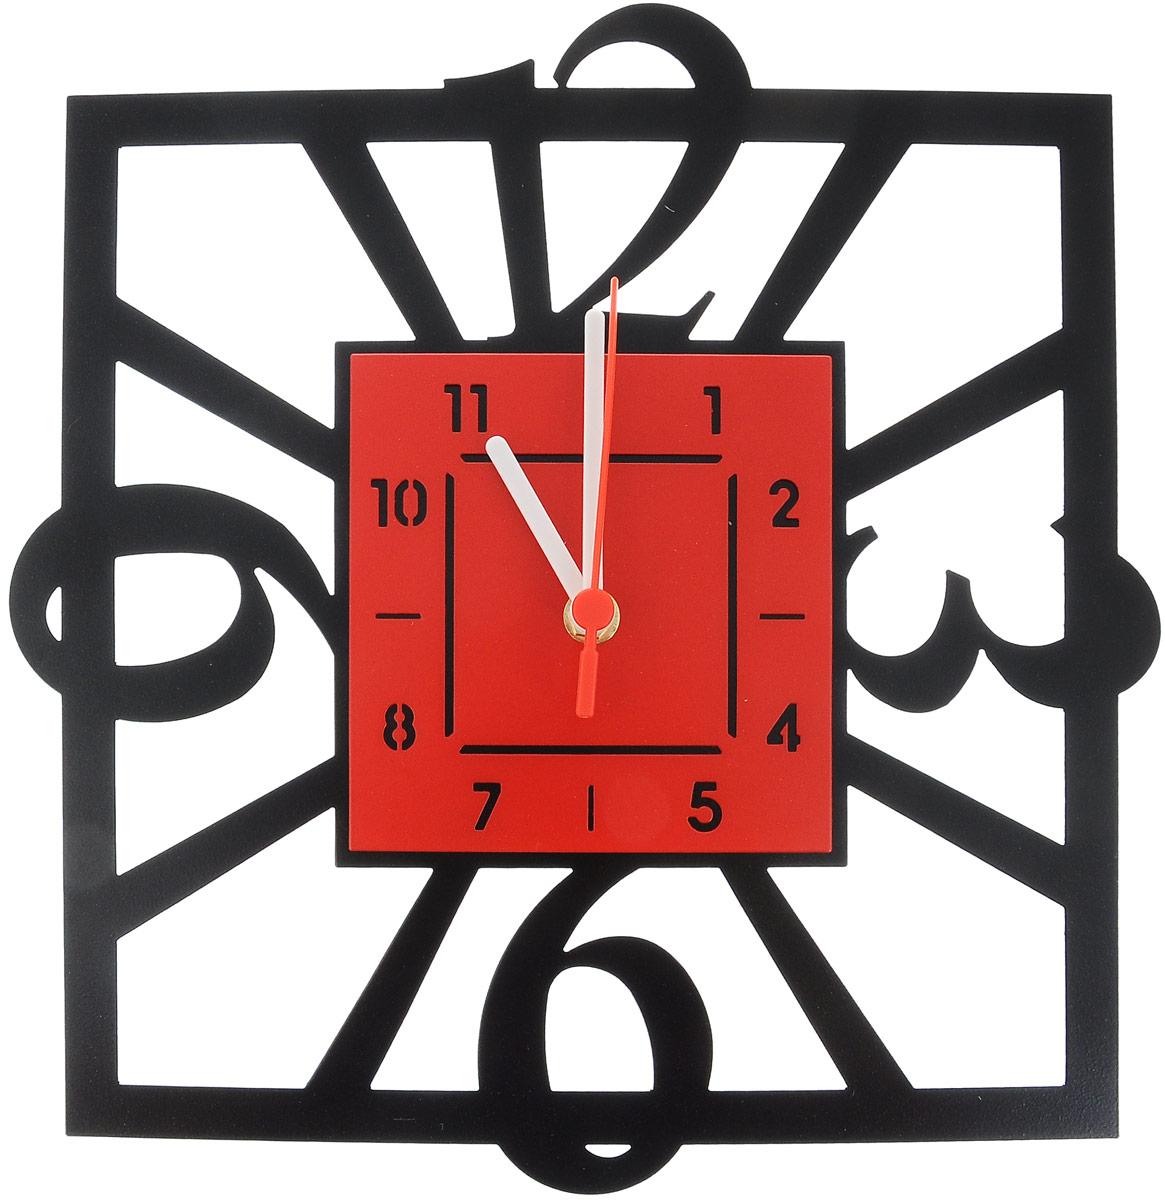 Оригинальные настенные часы Miolla квадратной формы выполнены из стали. Часы  имеют три стрелки - часовую, минутную и секундную и циферблат с цифрами.  Необычное дизайнерское решение и качество исполнения придутся по вкусу  каждому. Оформите свой дом таким интерьерным аксессуаром или преподнесите его в  качестве презента друзьям, и они оценят ваш оригинальный вкус и  неординарность подарка. Размер часов: 29 х 30 см. Часы работают от 1 батарейки типа АА напряжением 1,5 В (в комплект не входит).